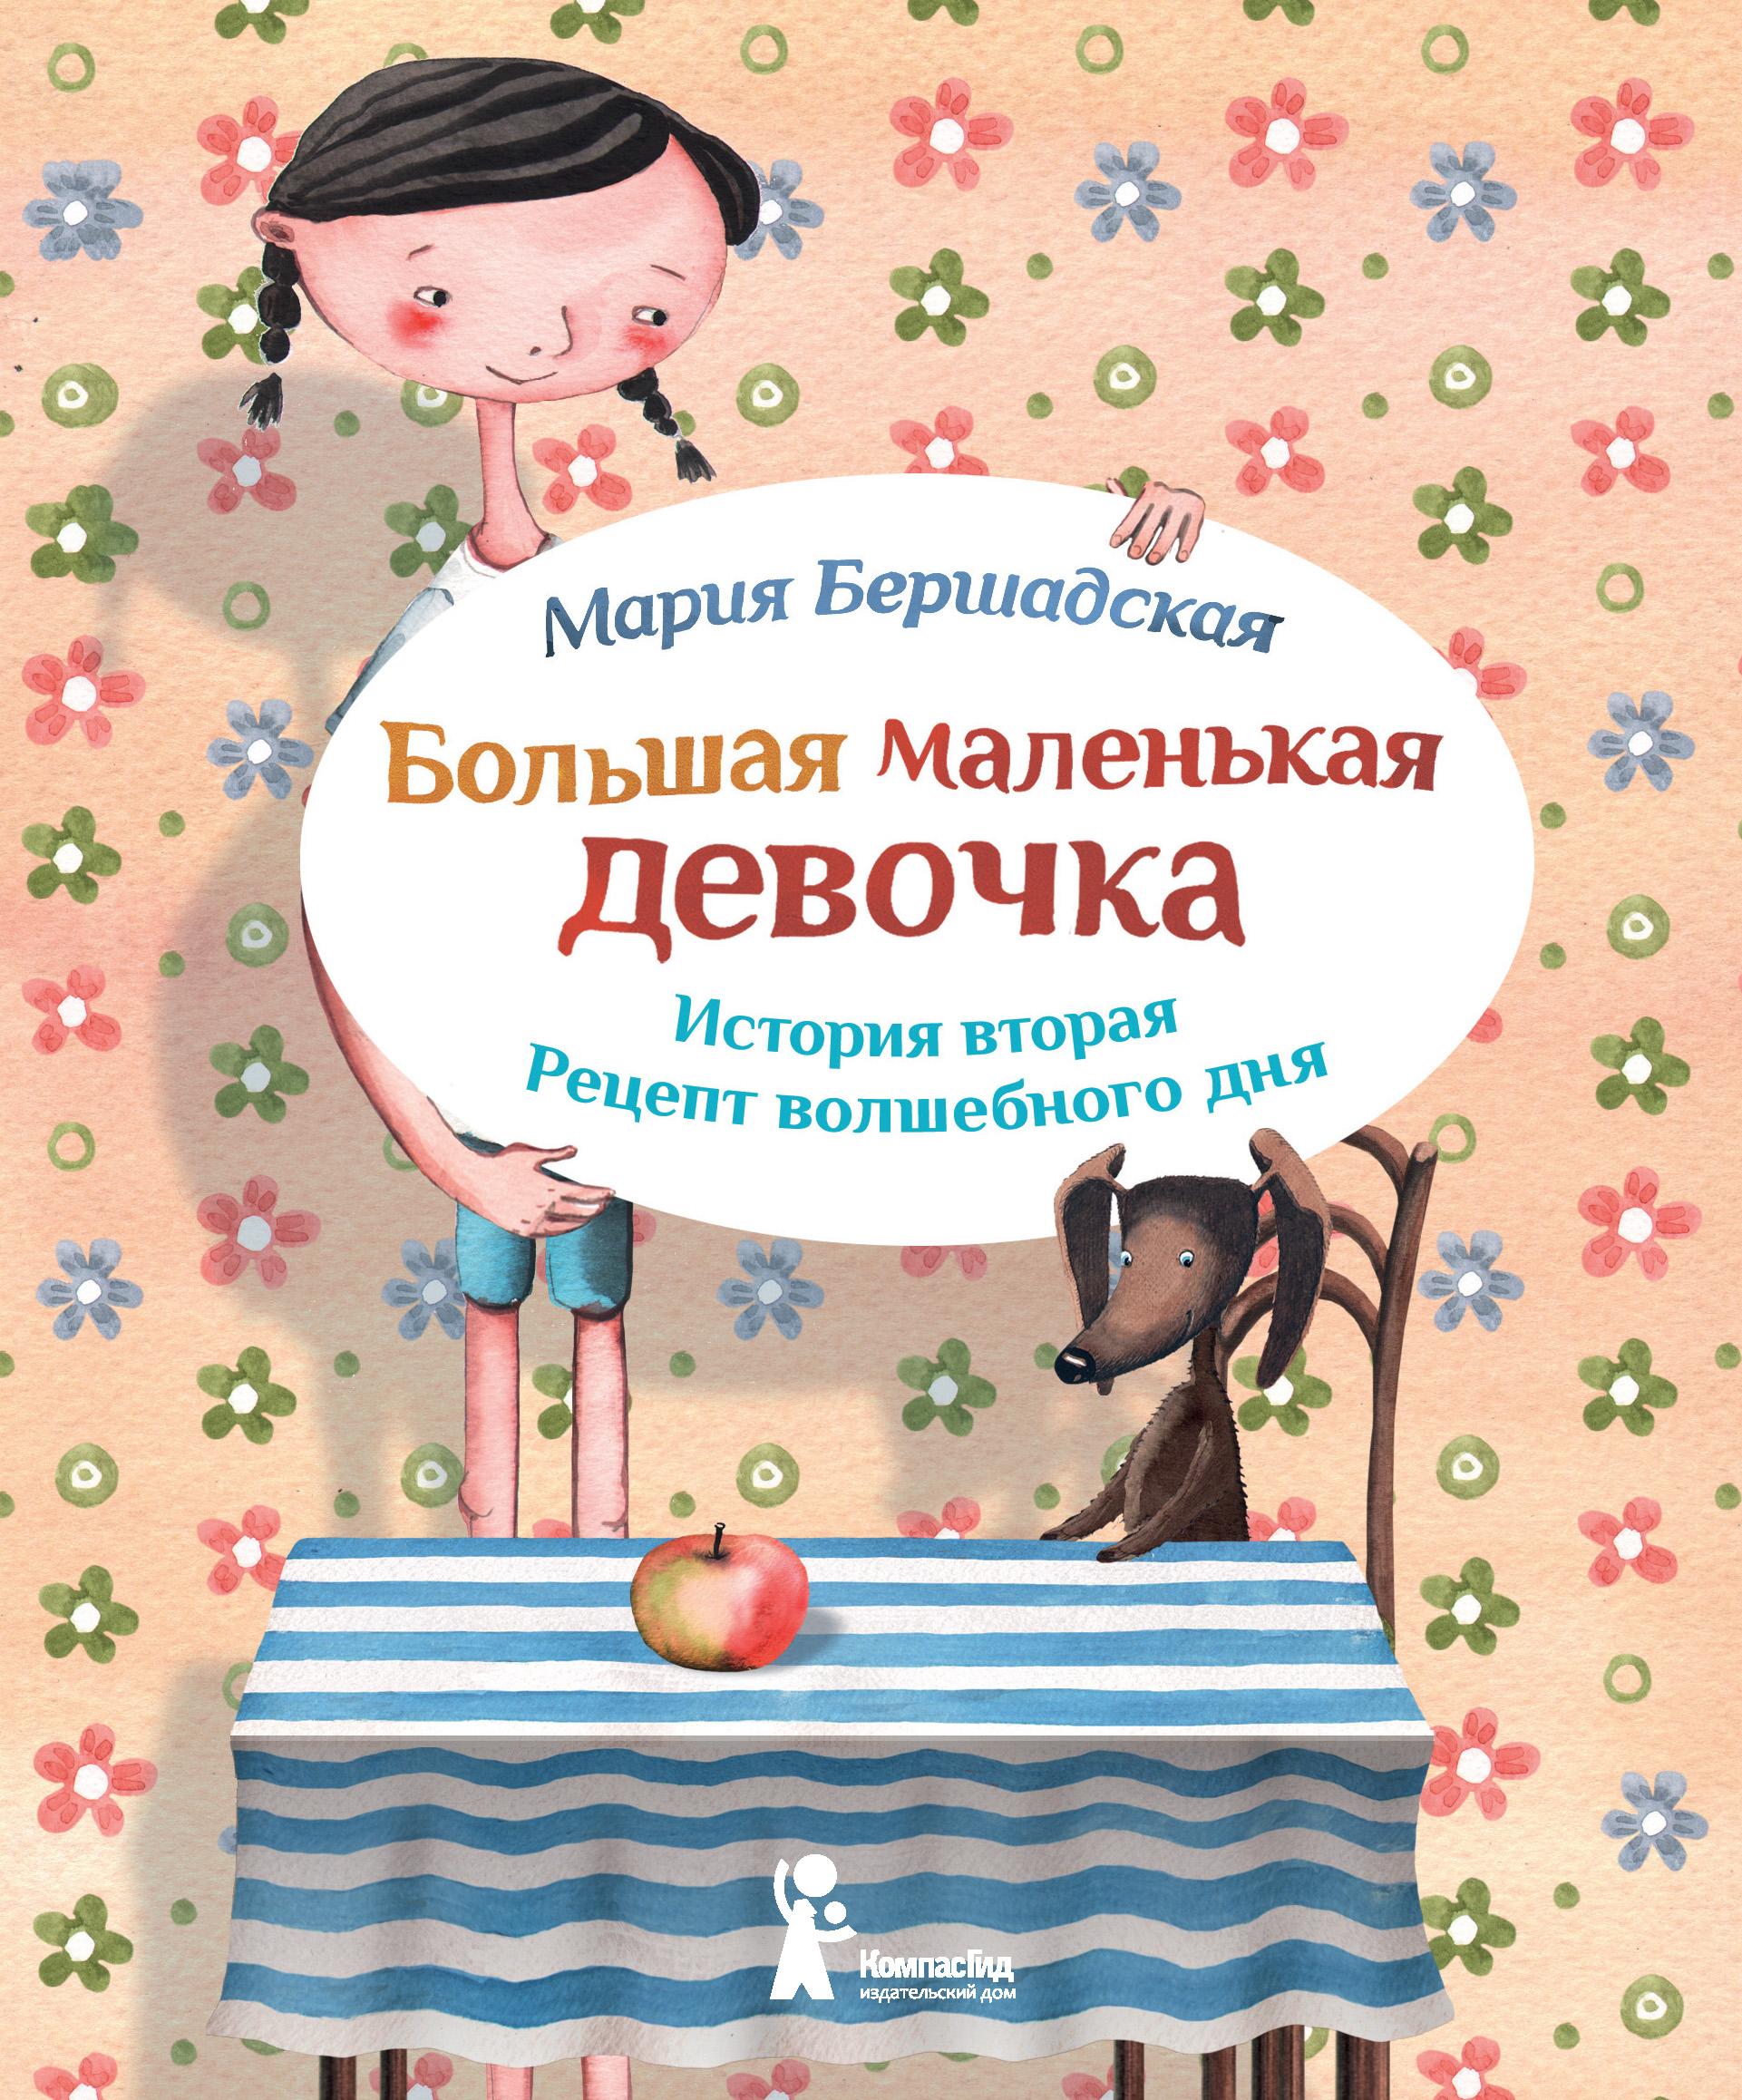 Рецепт волшебного дня ( Мария Бершадская  )